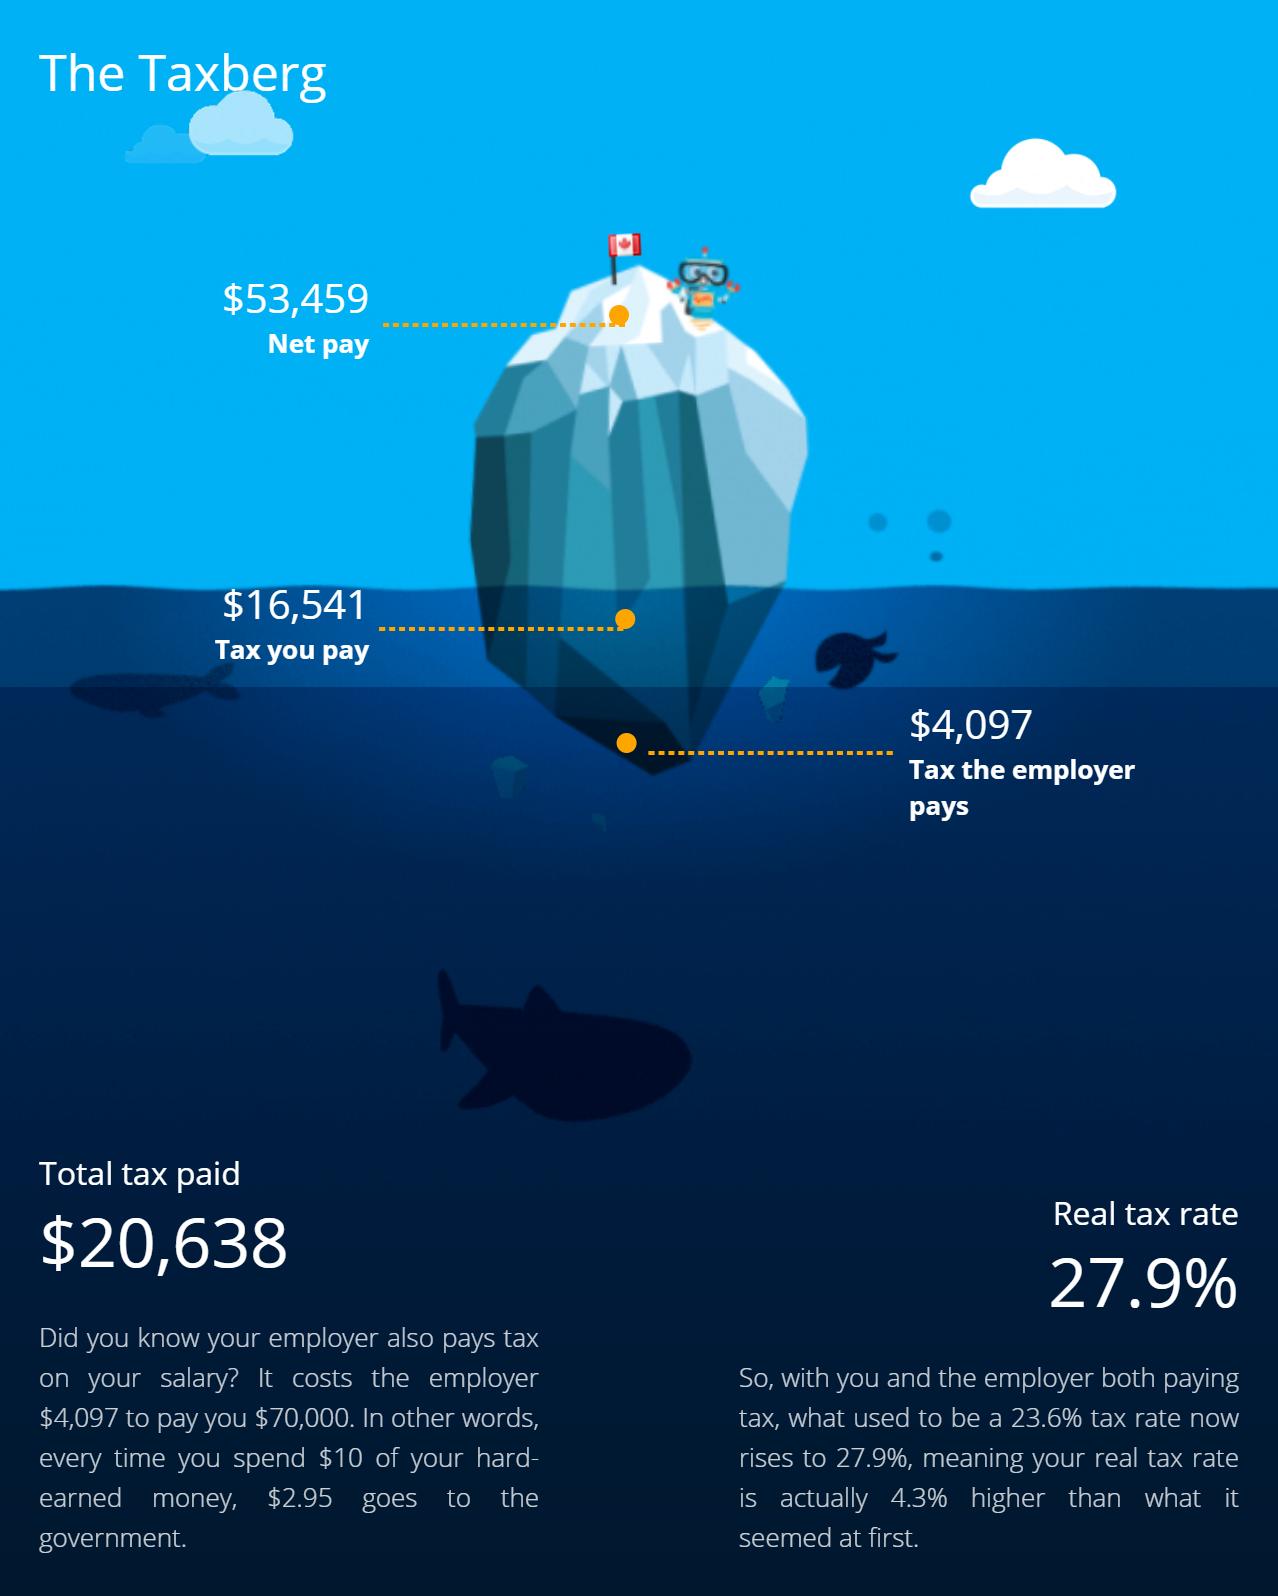 Зато этот сервис сразу показывает вот такую инфографику. В ней говорится, что еще 4097&nbsp;CAD (233&nbsp;529&nbsp;<span class=ruble>Р</span>) с вашей зарплаты должен внести работодатель. И в итоге фактическая ставка налога с вашего дохода составит почти&nbsp;28%